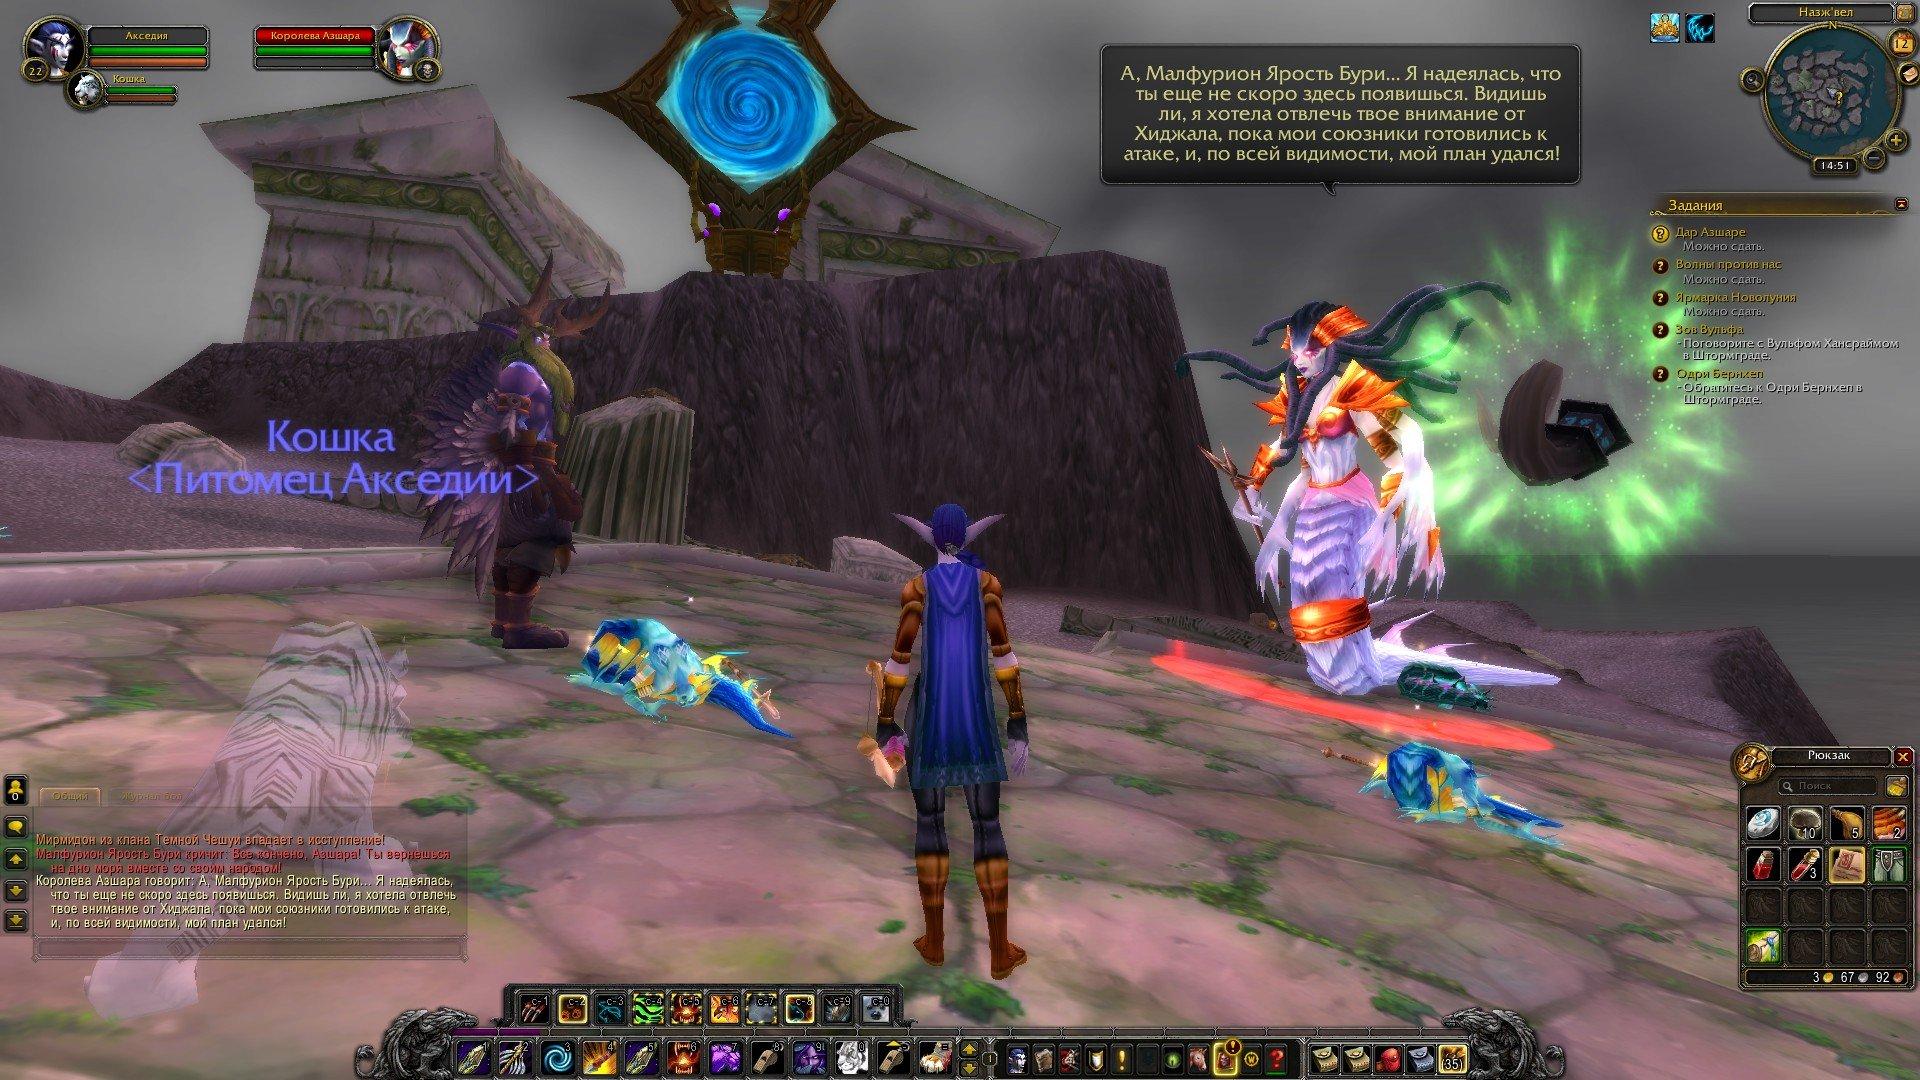 Путешествие по World of Warcraft ... Ночной Эльф. Глава 2. - Изображение 27